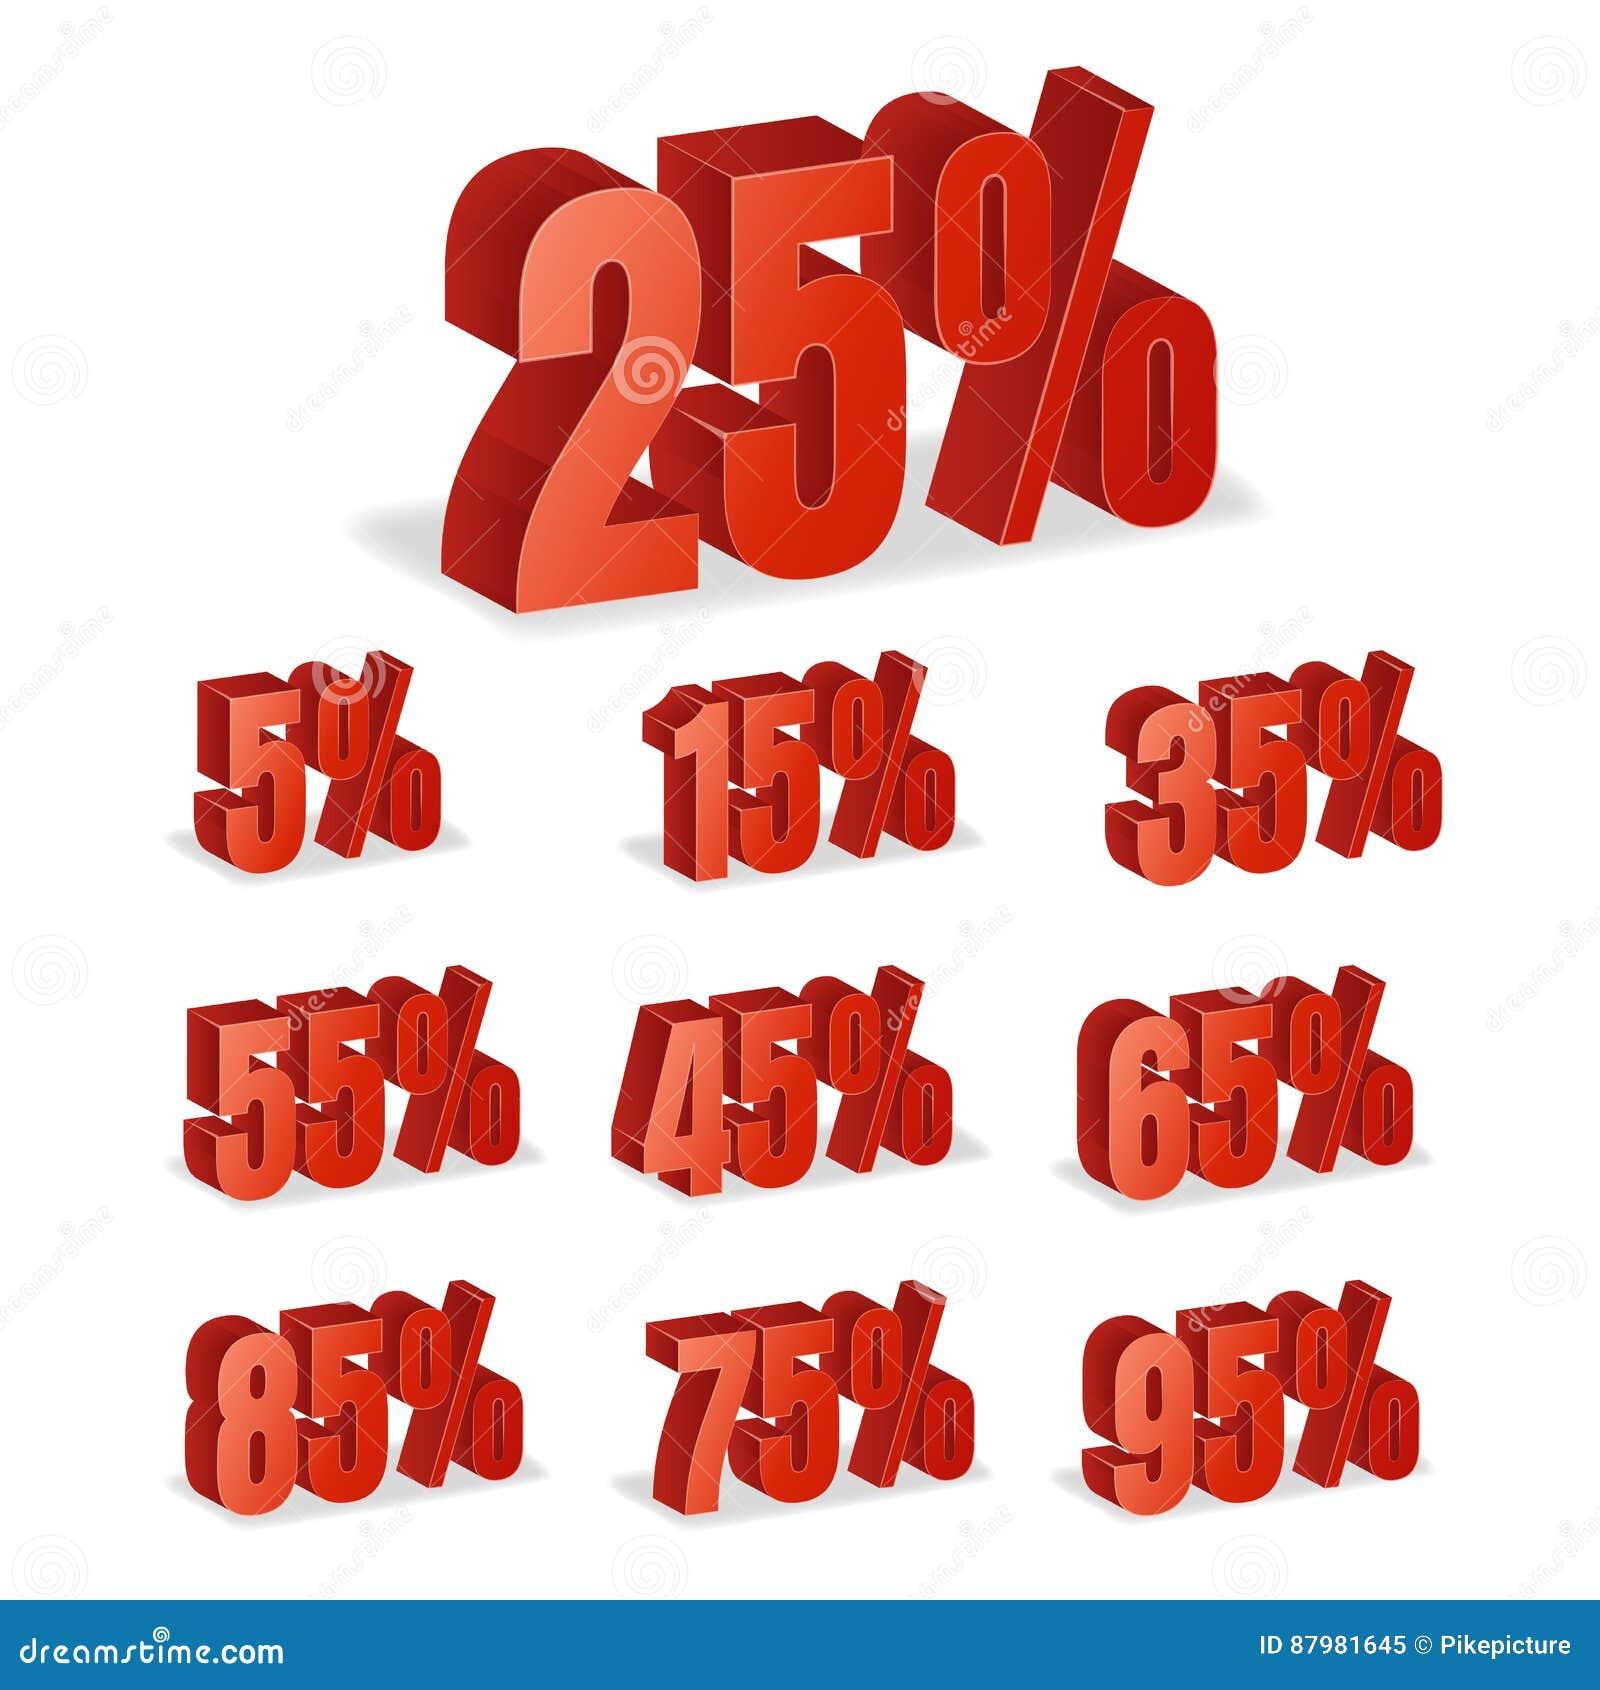 46c99228c El descuento numera el vector 3d Sistema rojo del icono del porcentaje de  la venta en el estilo 3D aislado en el fondo blanco el 10 por ciento  apagado